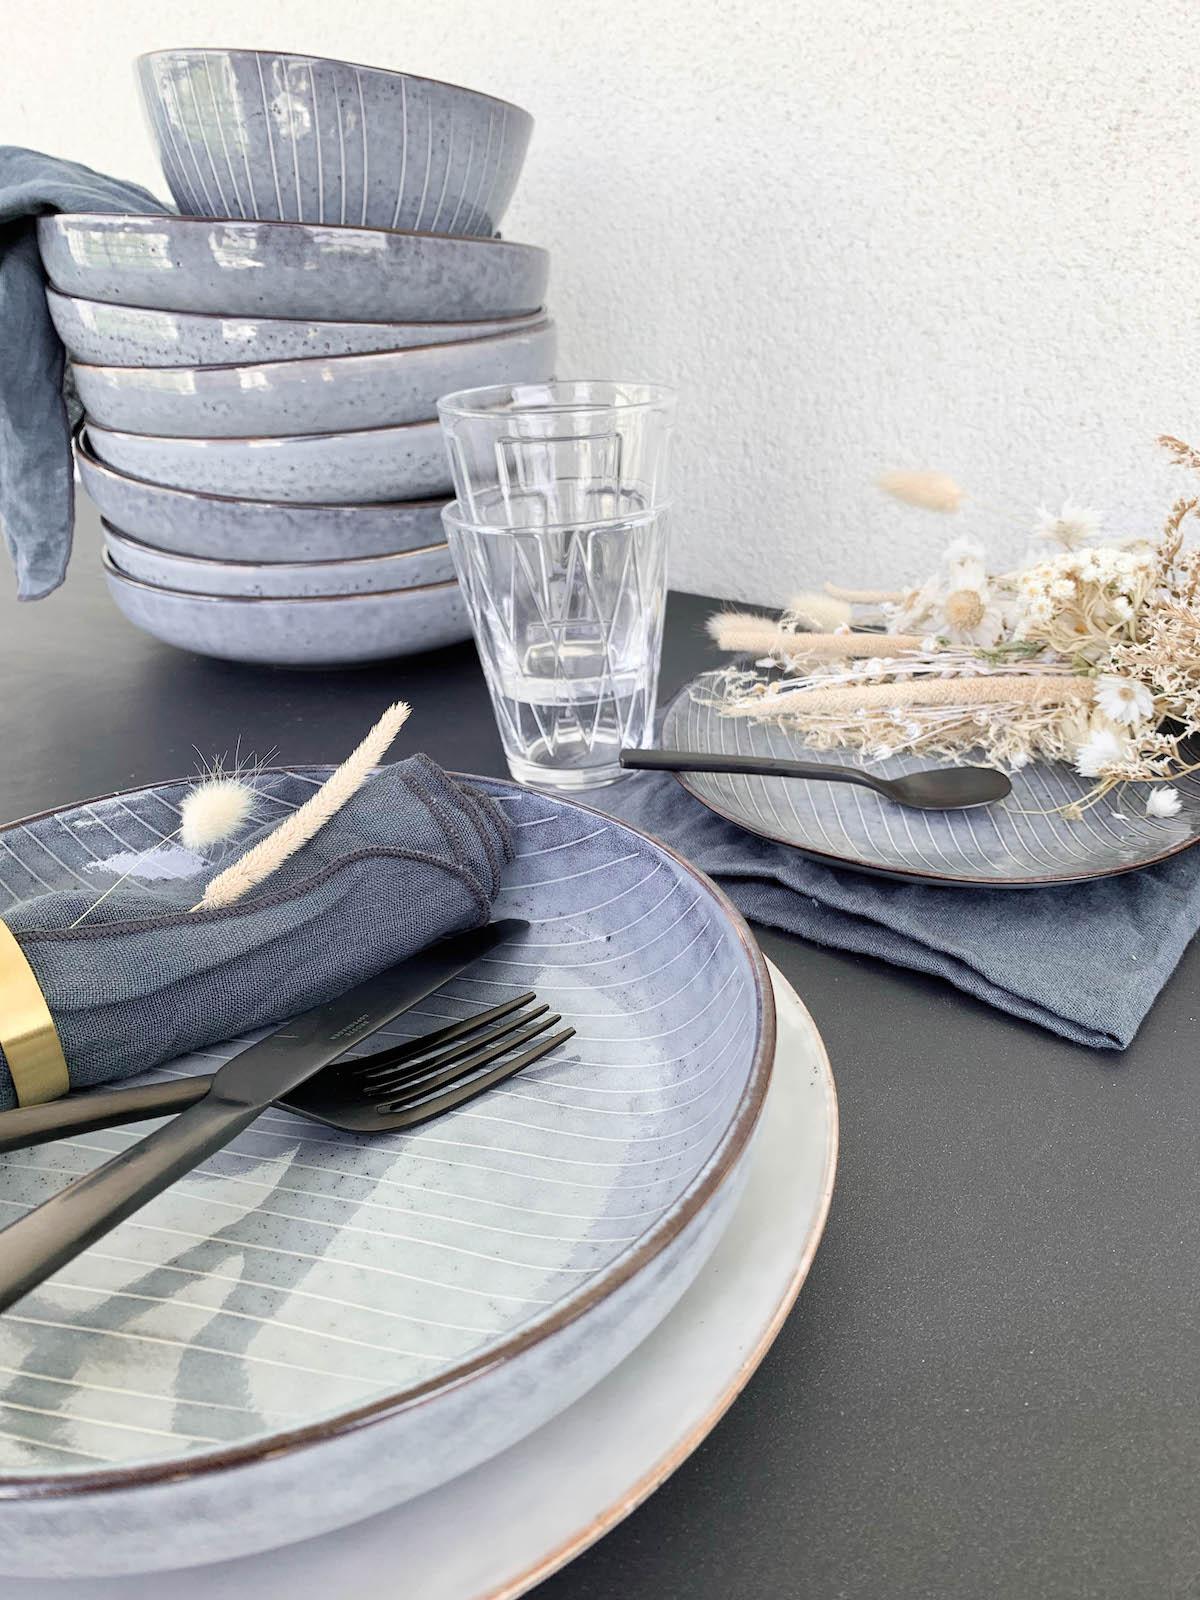 assiette blanche vaisselle scandinave serviette bleu fleurs séchées